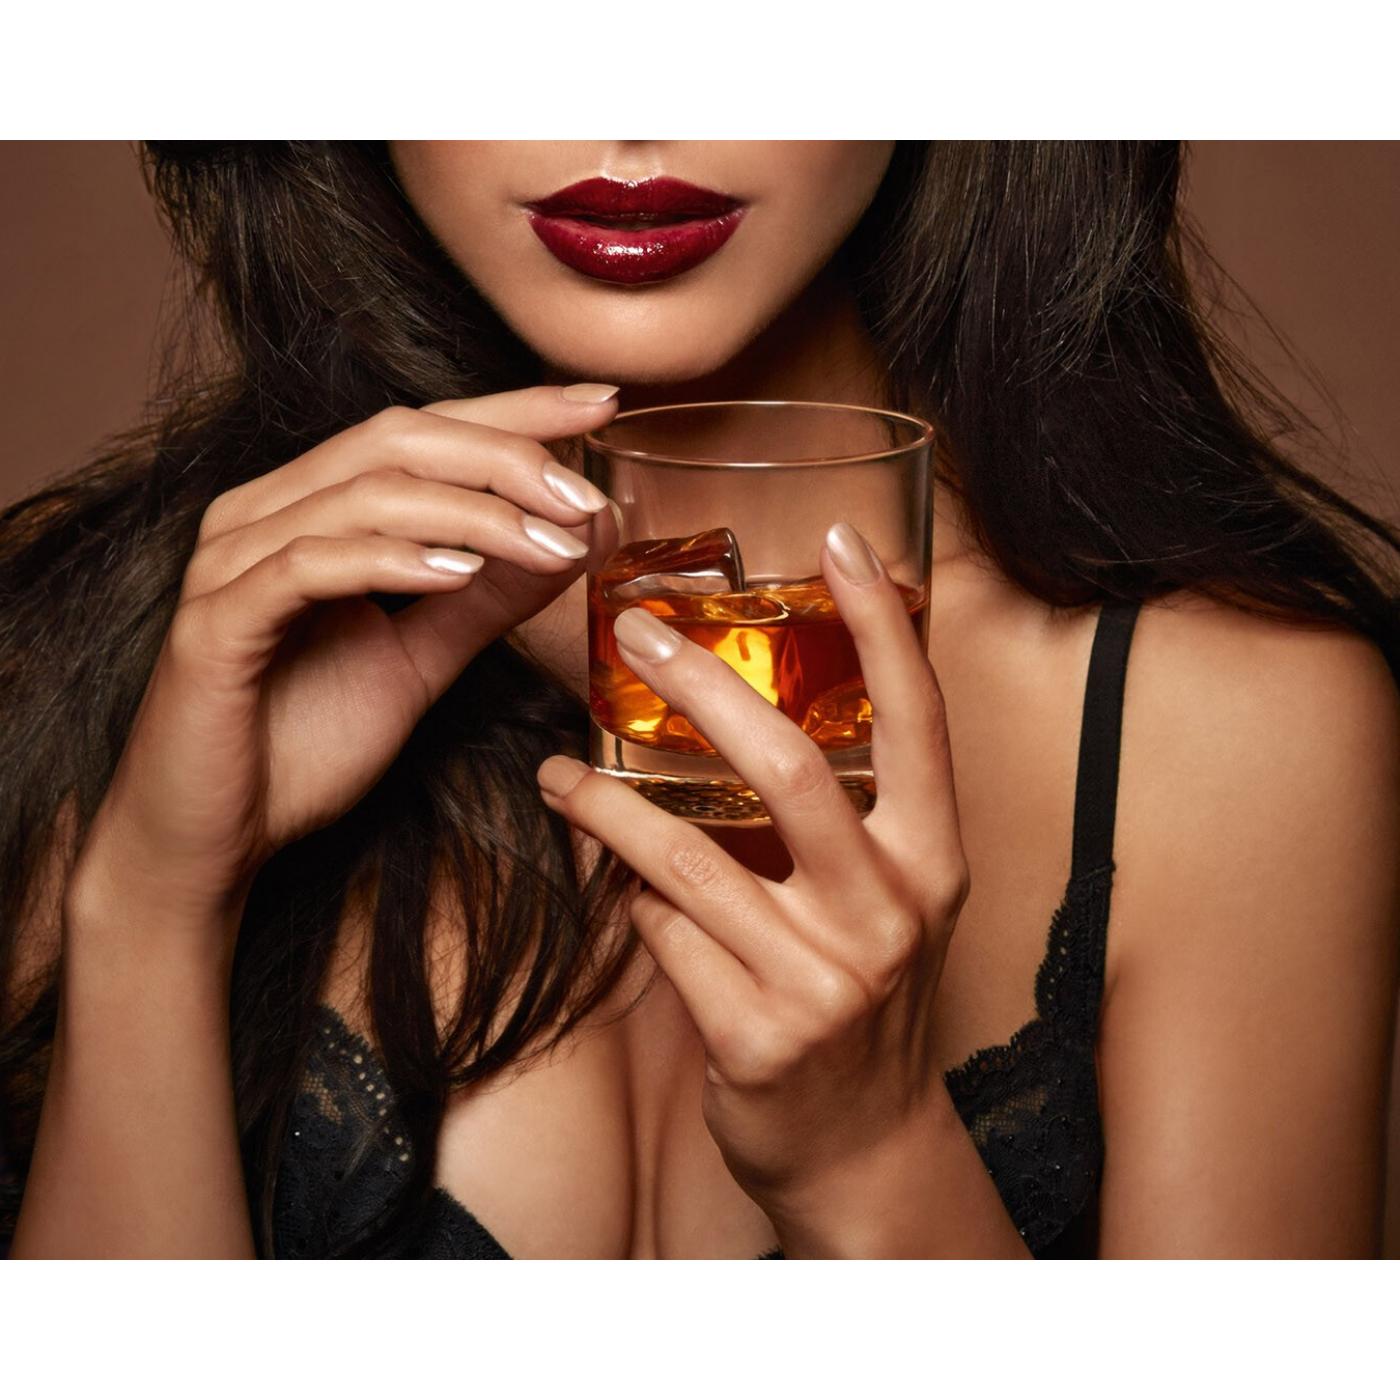 威士忌-从一颗麦芽开始的烈酒